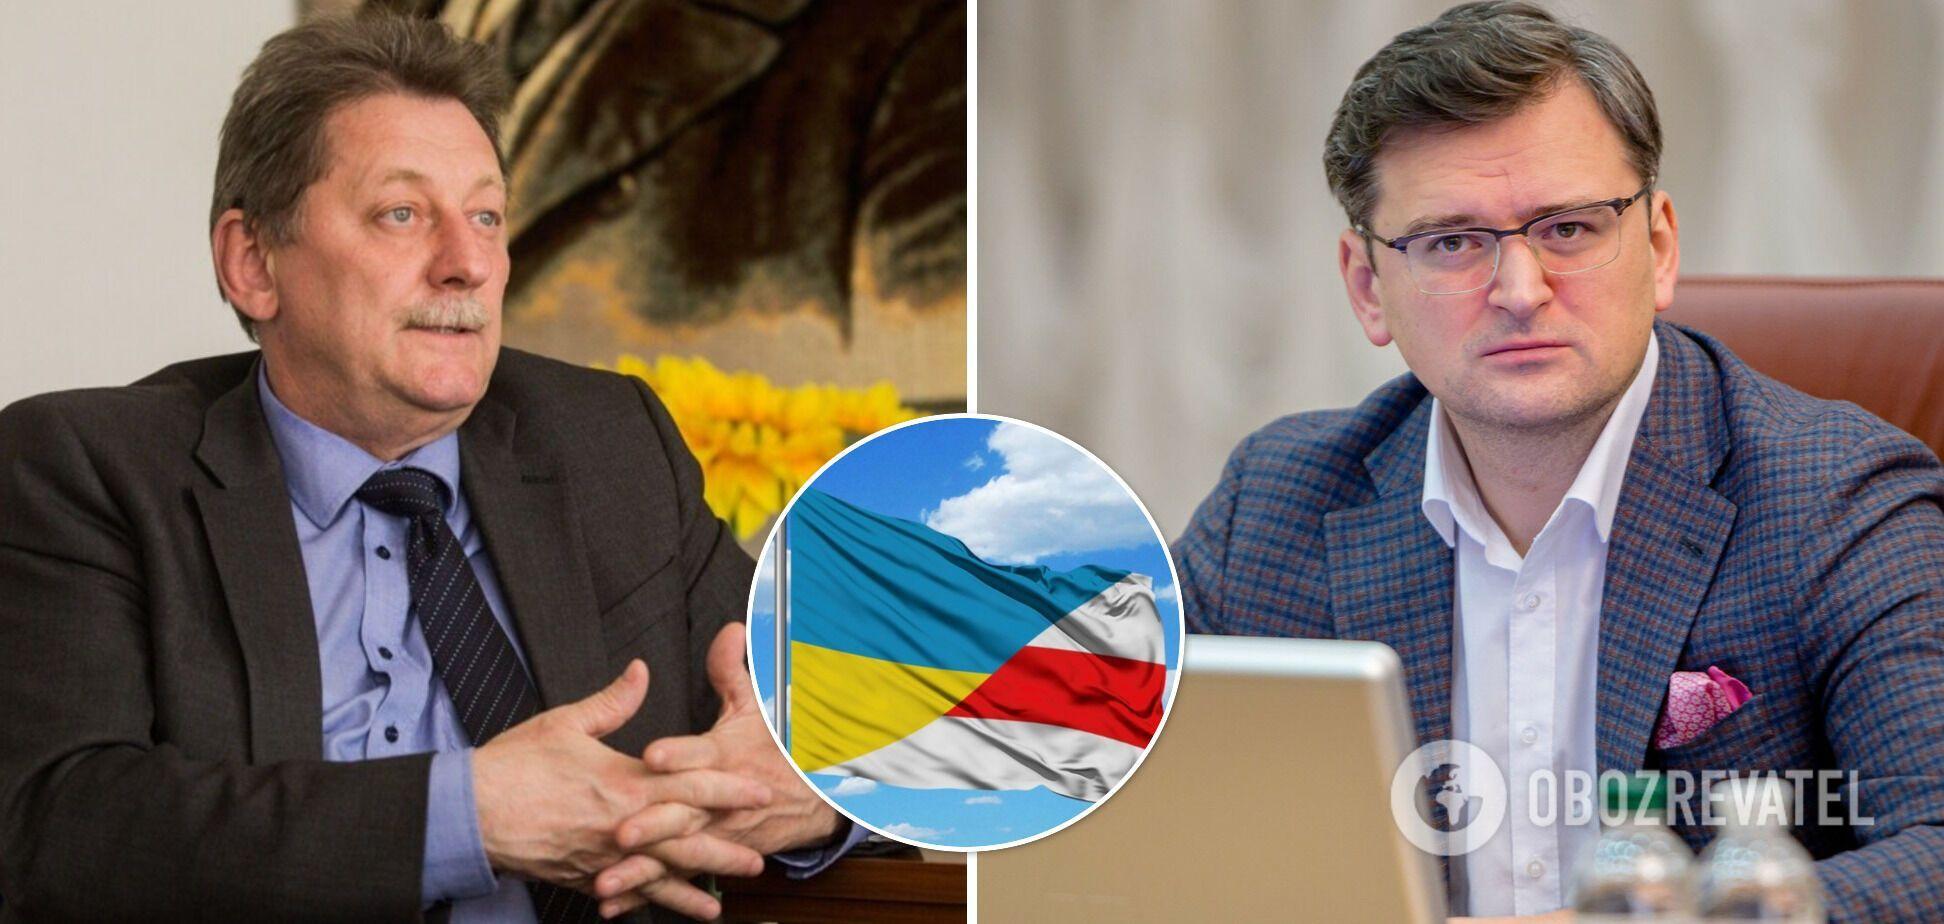 Україна поки не буде відкликати посла з Білорусі: Кулеба назвав причину